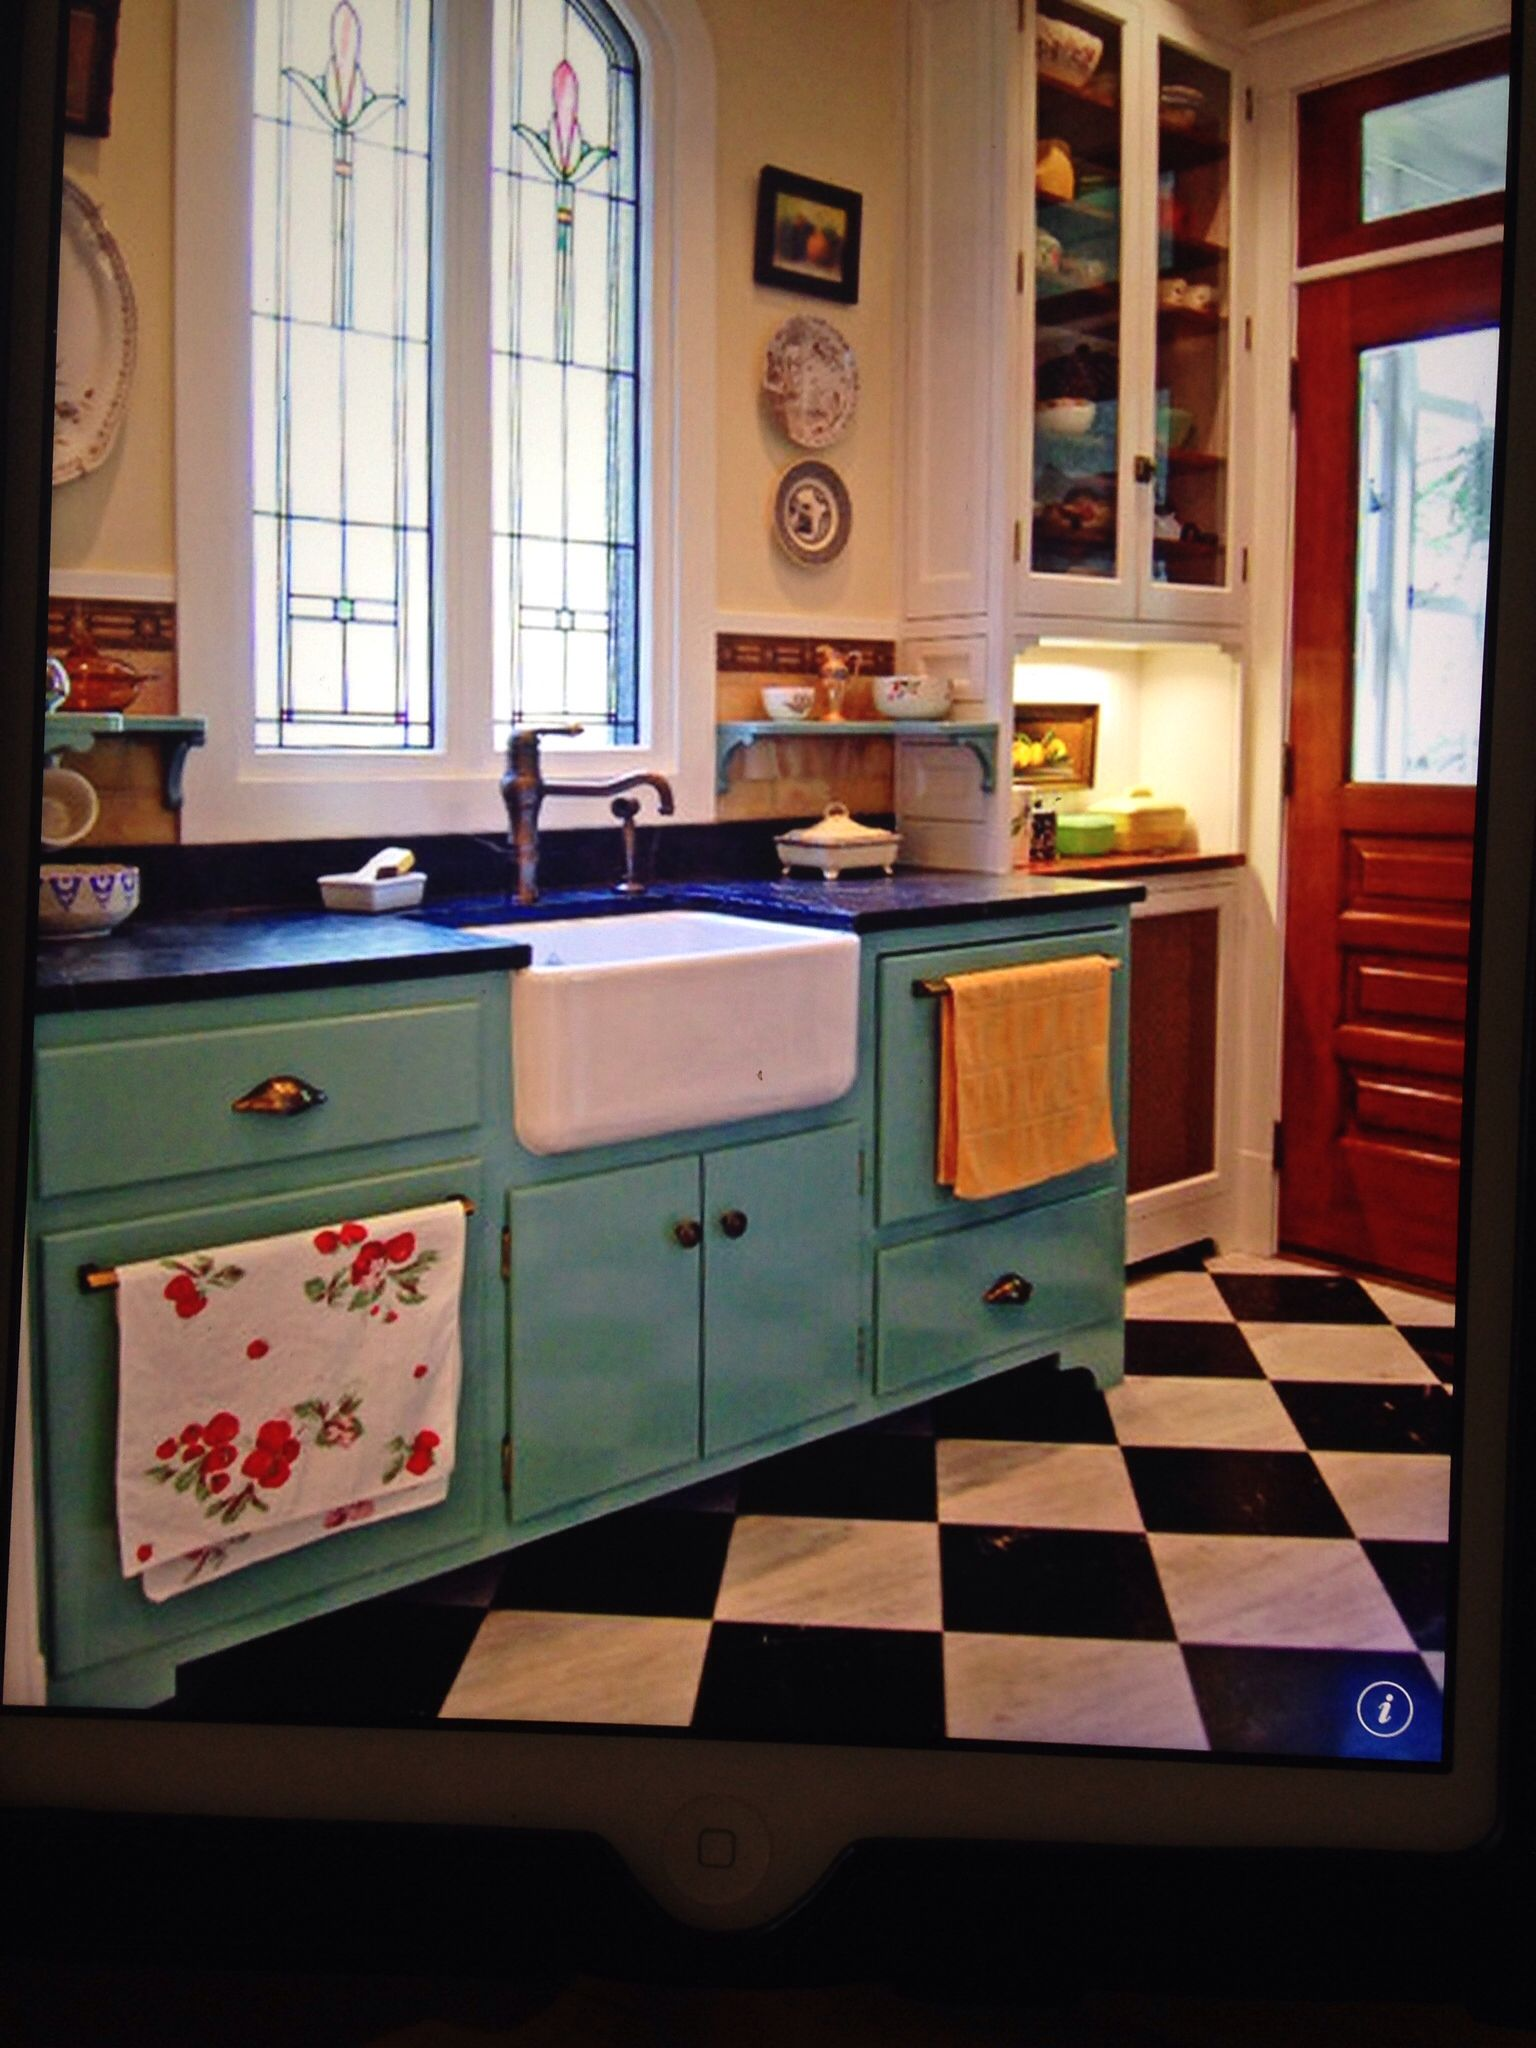 Retro Kitchen   kitchen   Pinterest   Retro, Kitchens and House